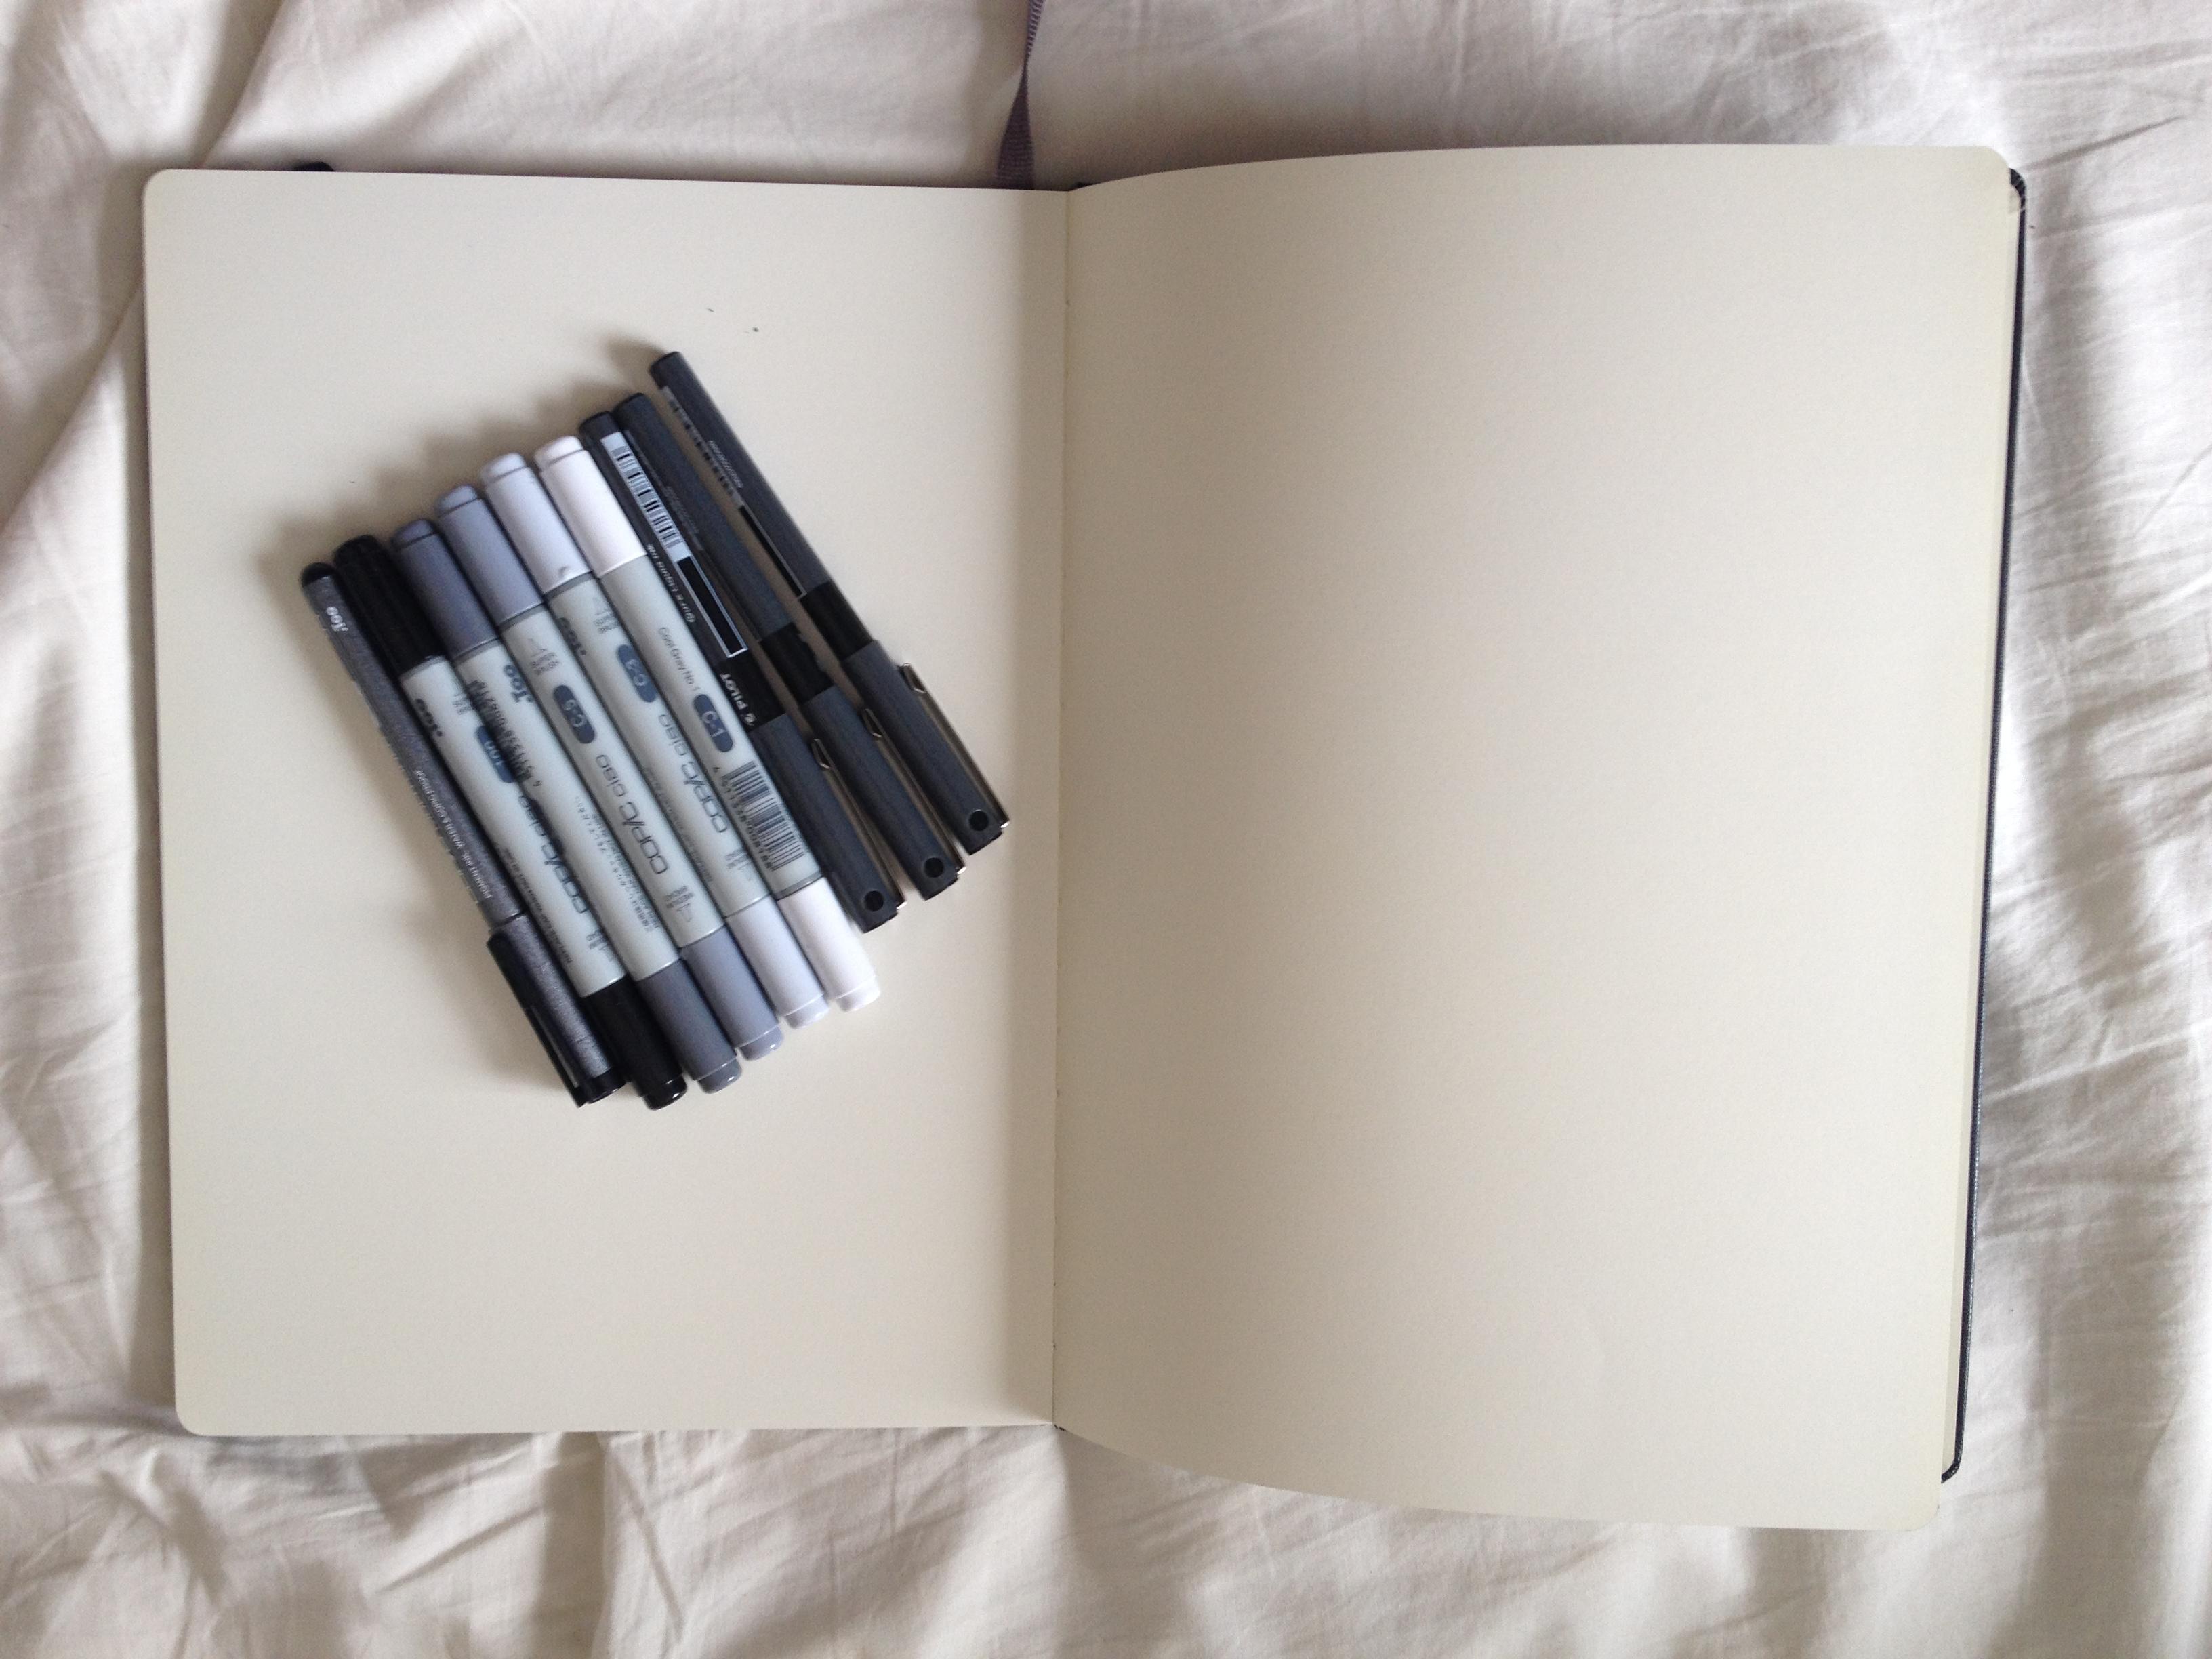 Moleskine Sketchbook and Pens